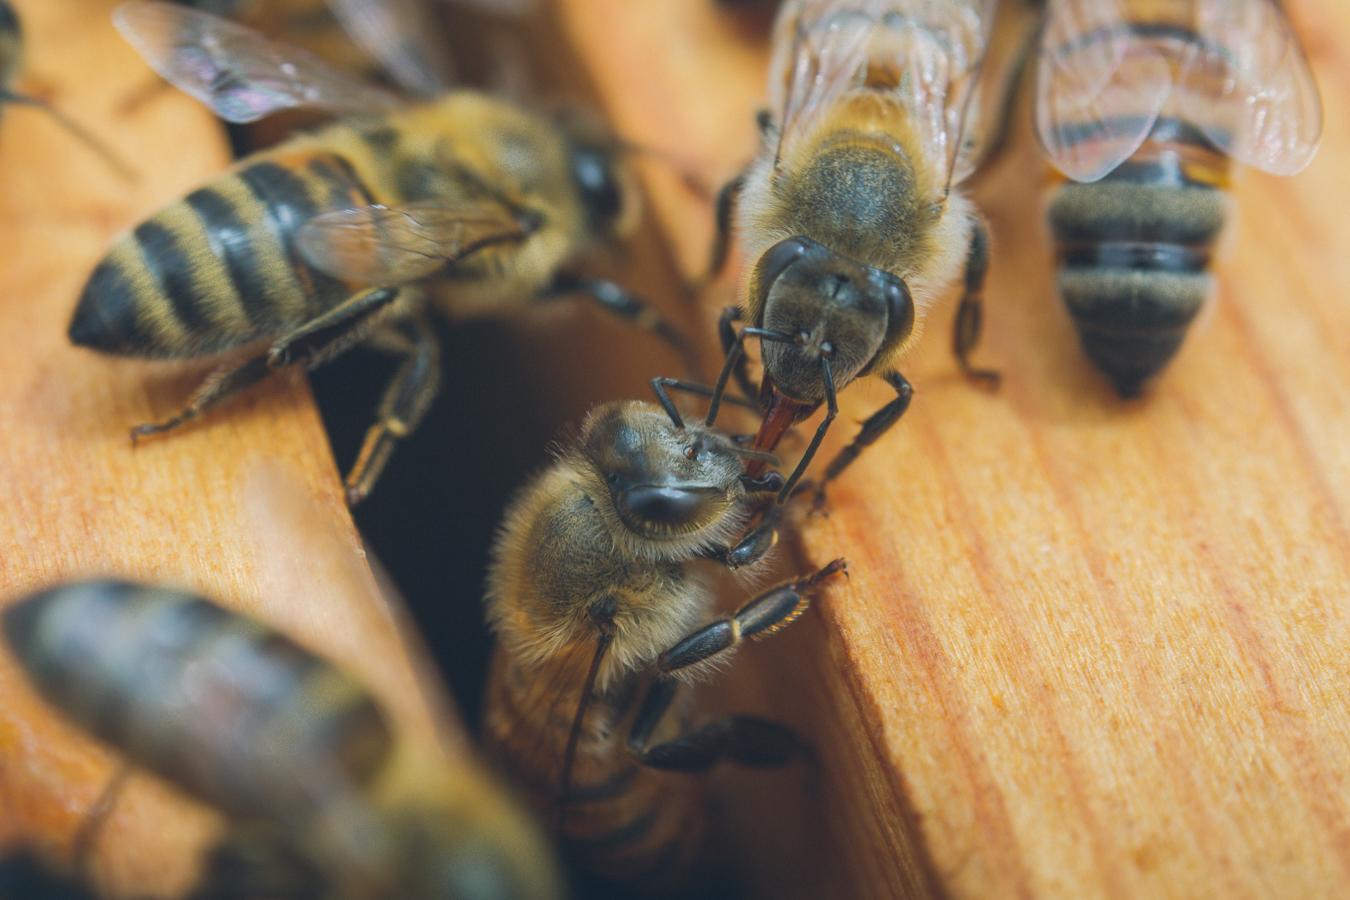 gl-bees-snakes-7595.jpg